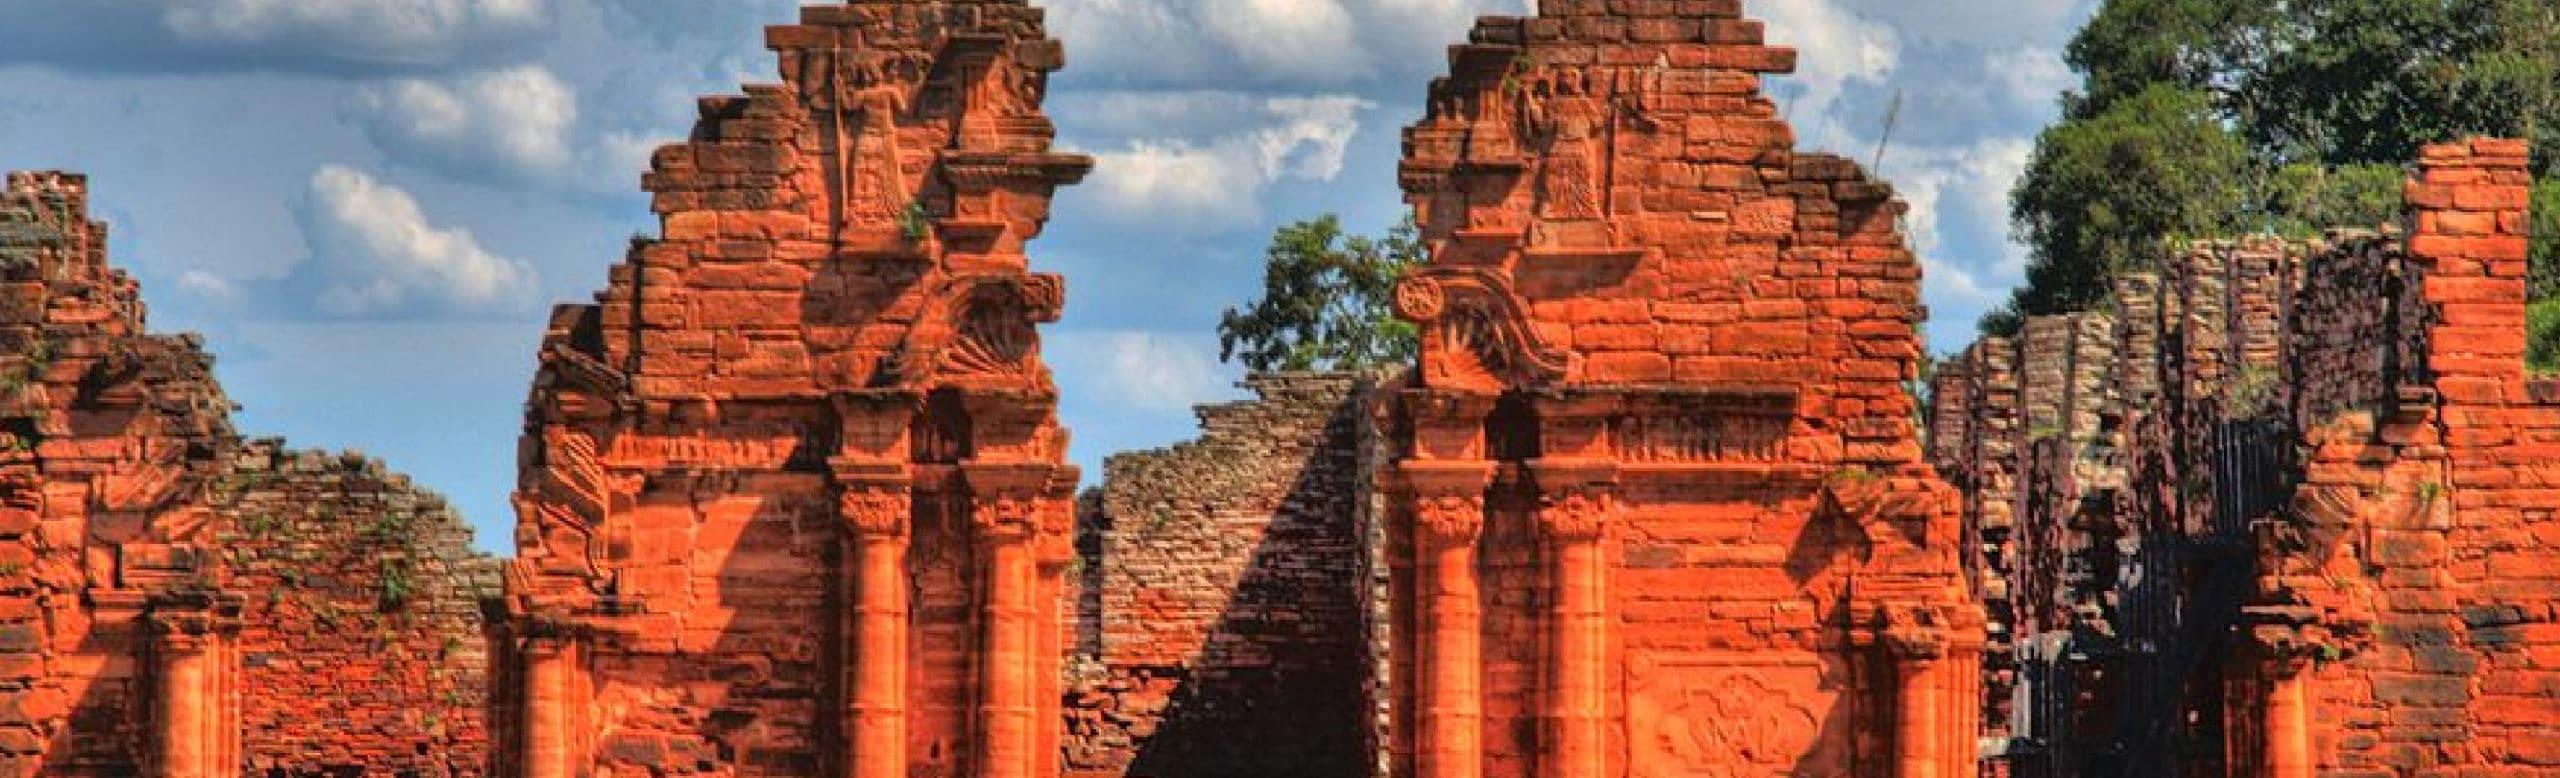 San Ignacio Ruins - Misiones, Argentina - RipioTurismo Incoming Tour Operator Argentina and South America